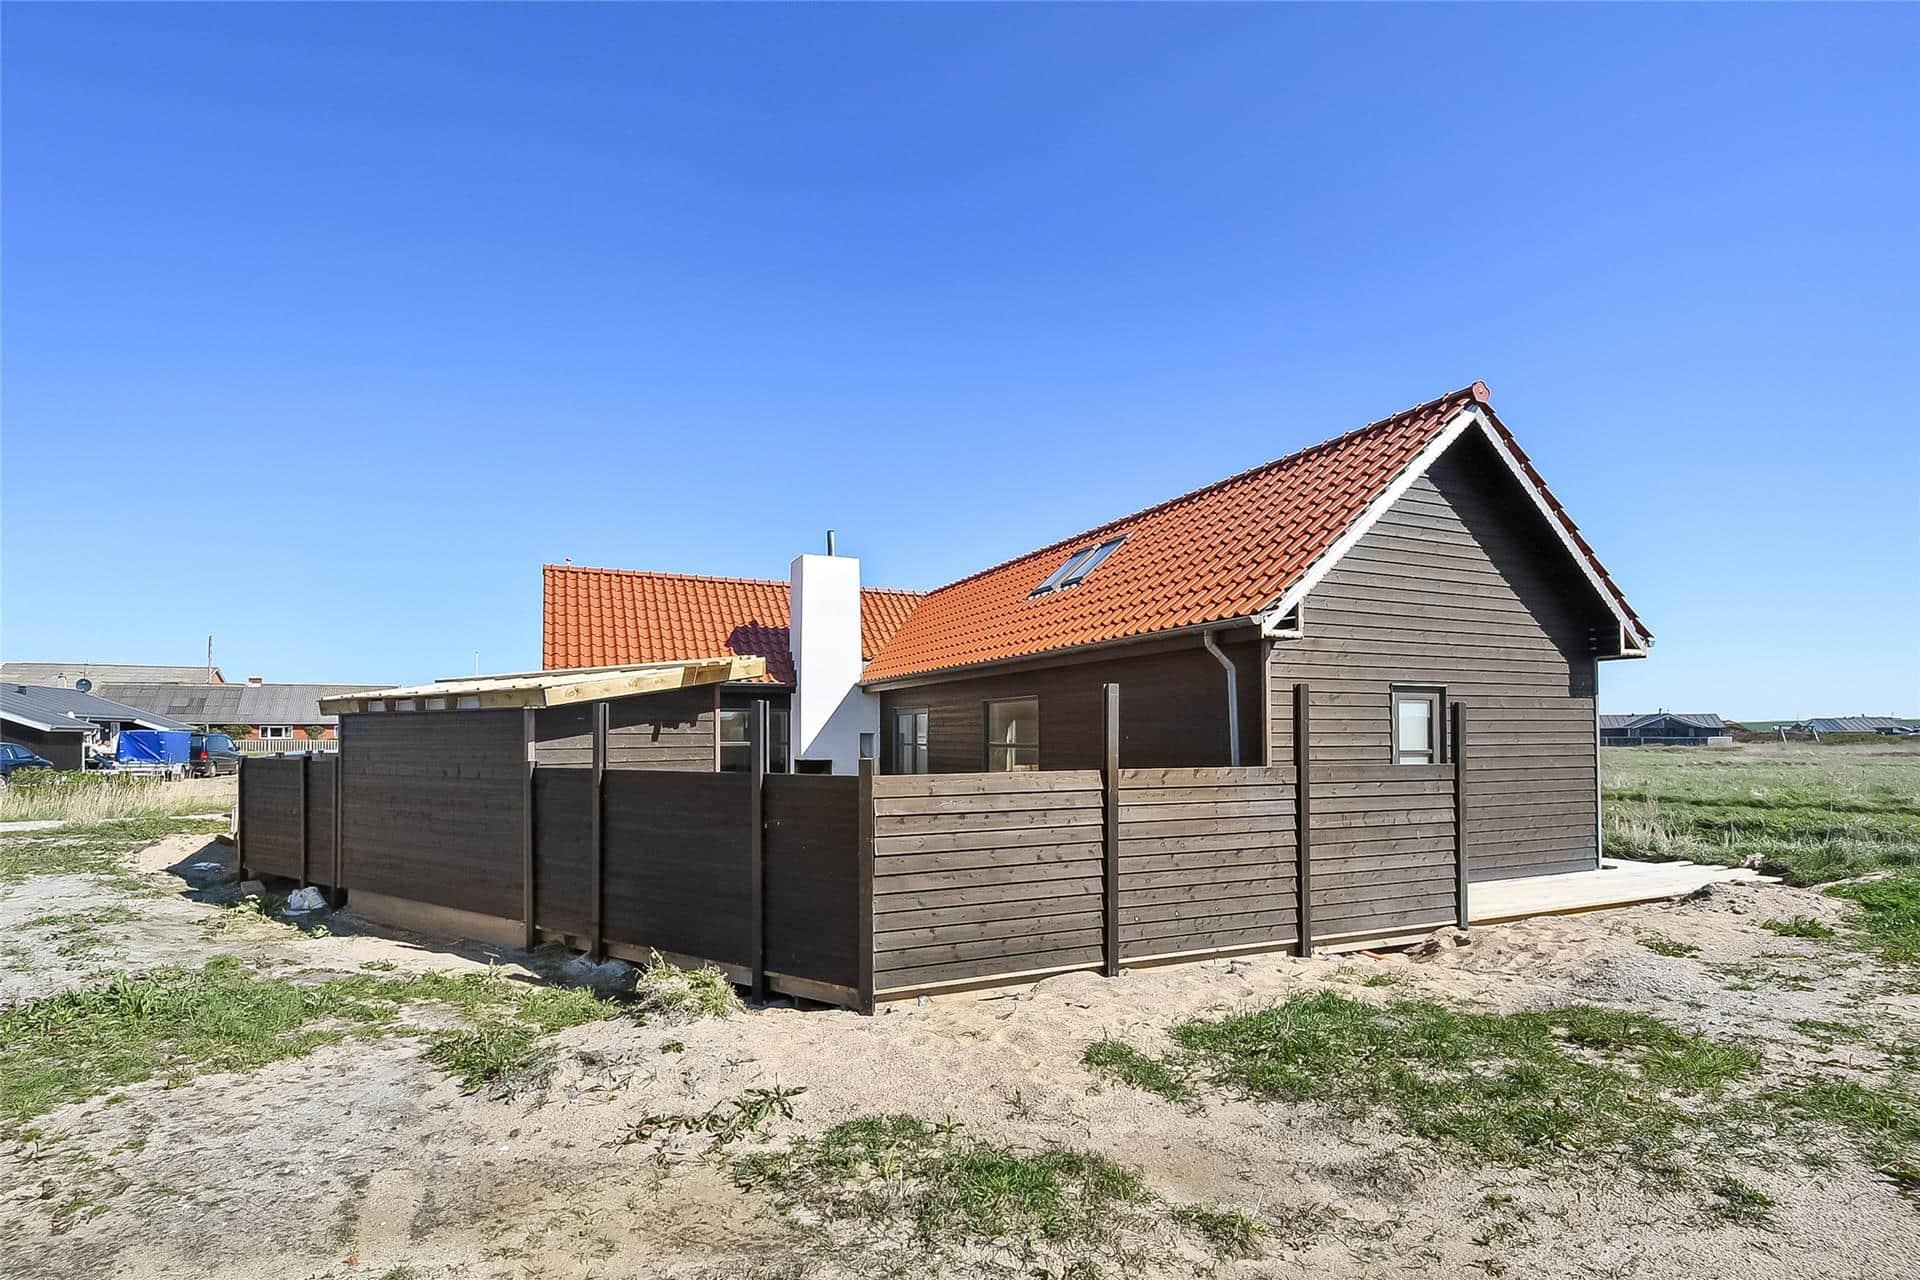 Billede 1-20 Sommerhus 517, Stranden 20, DK - 7620 Lemvig